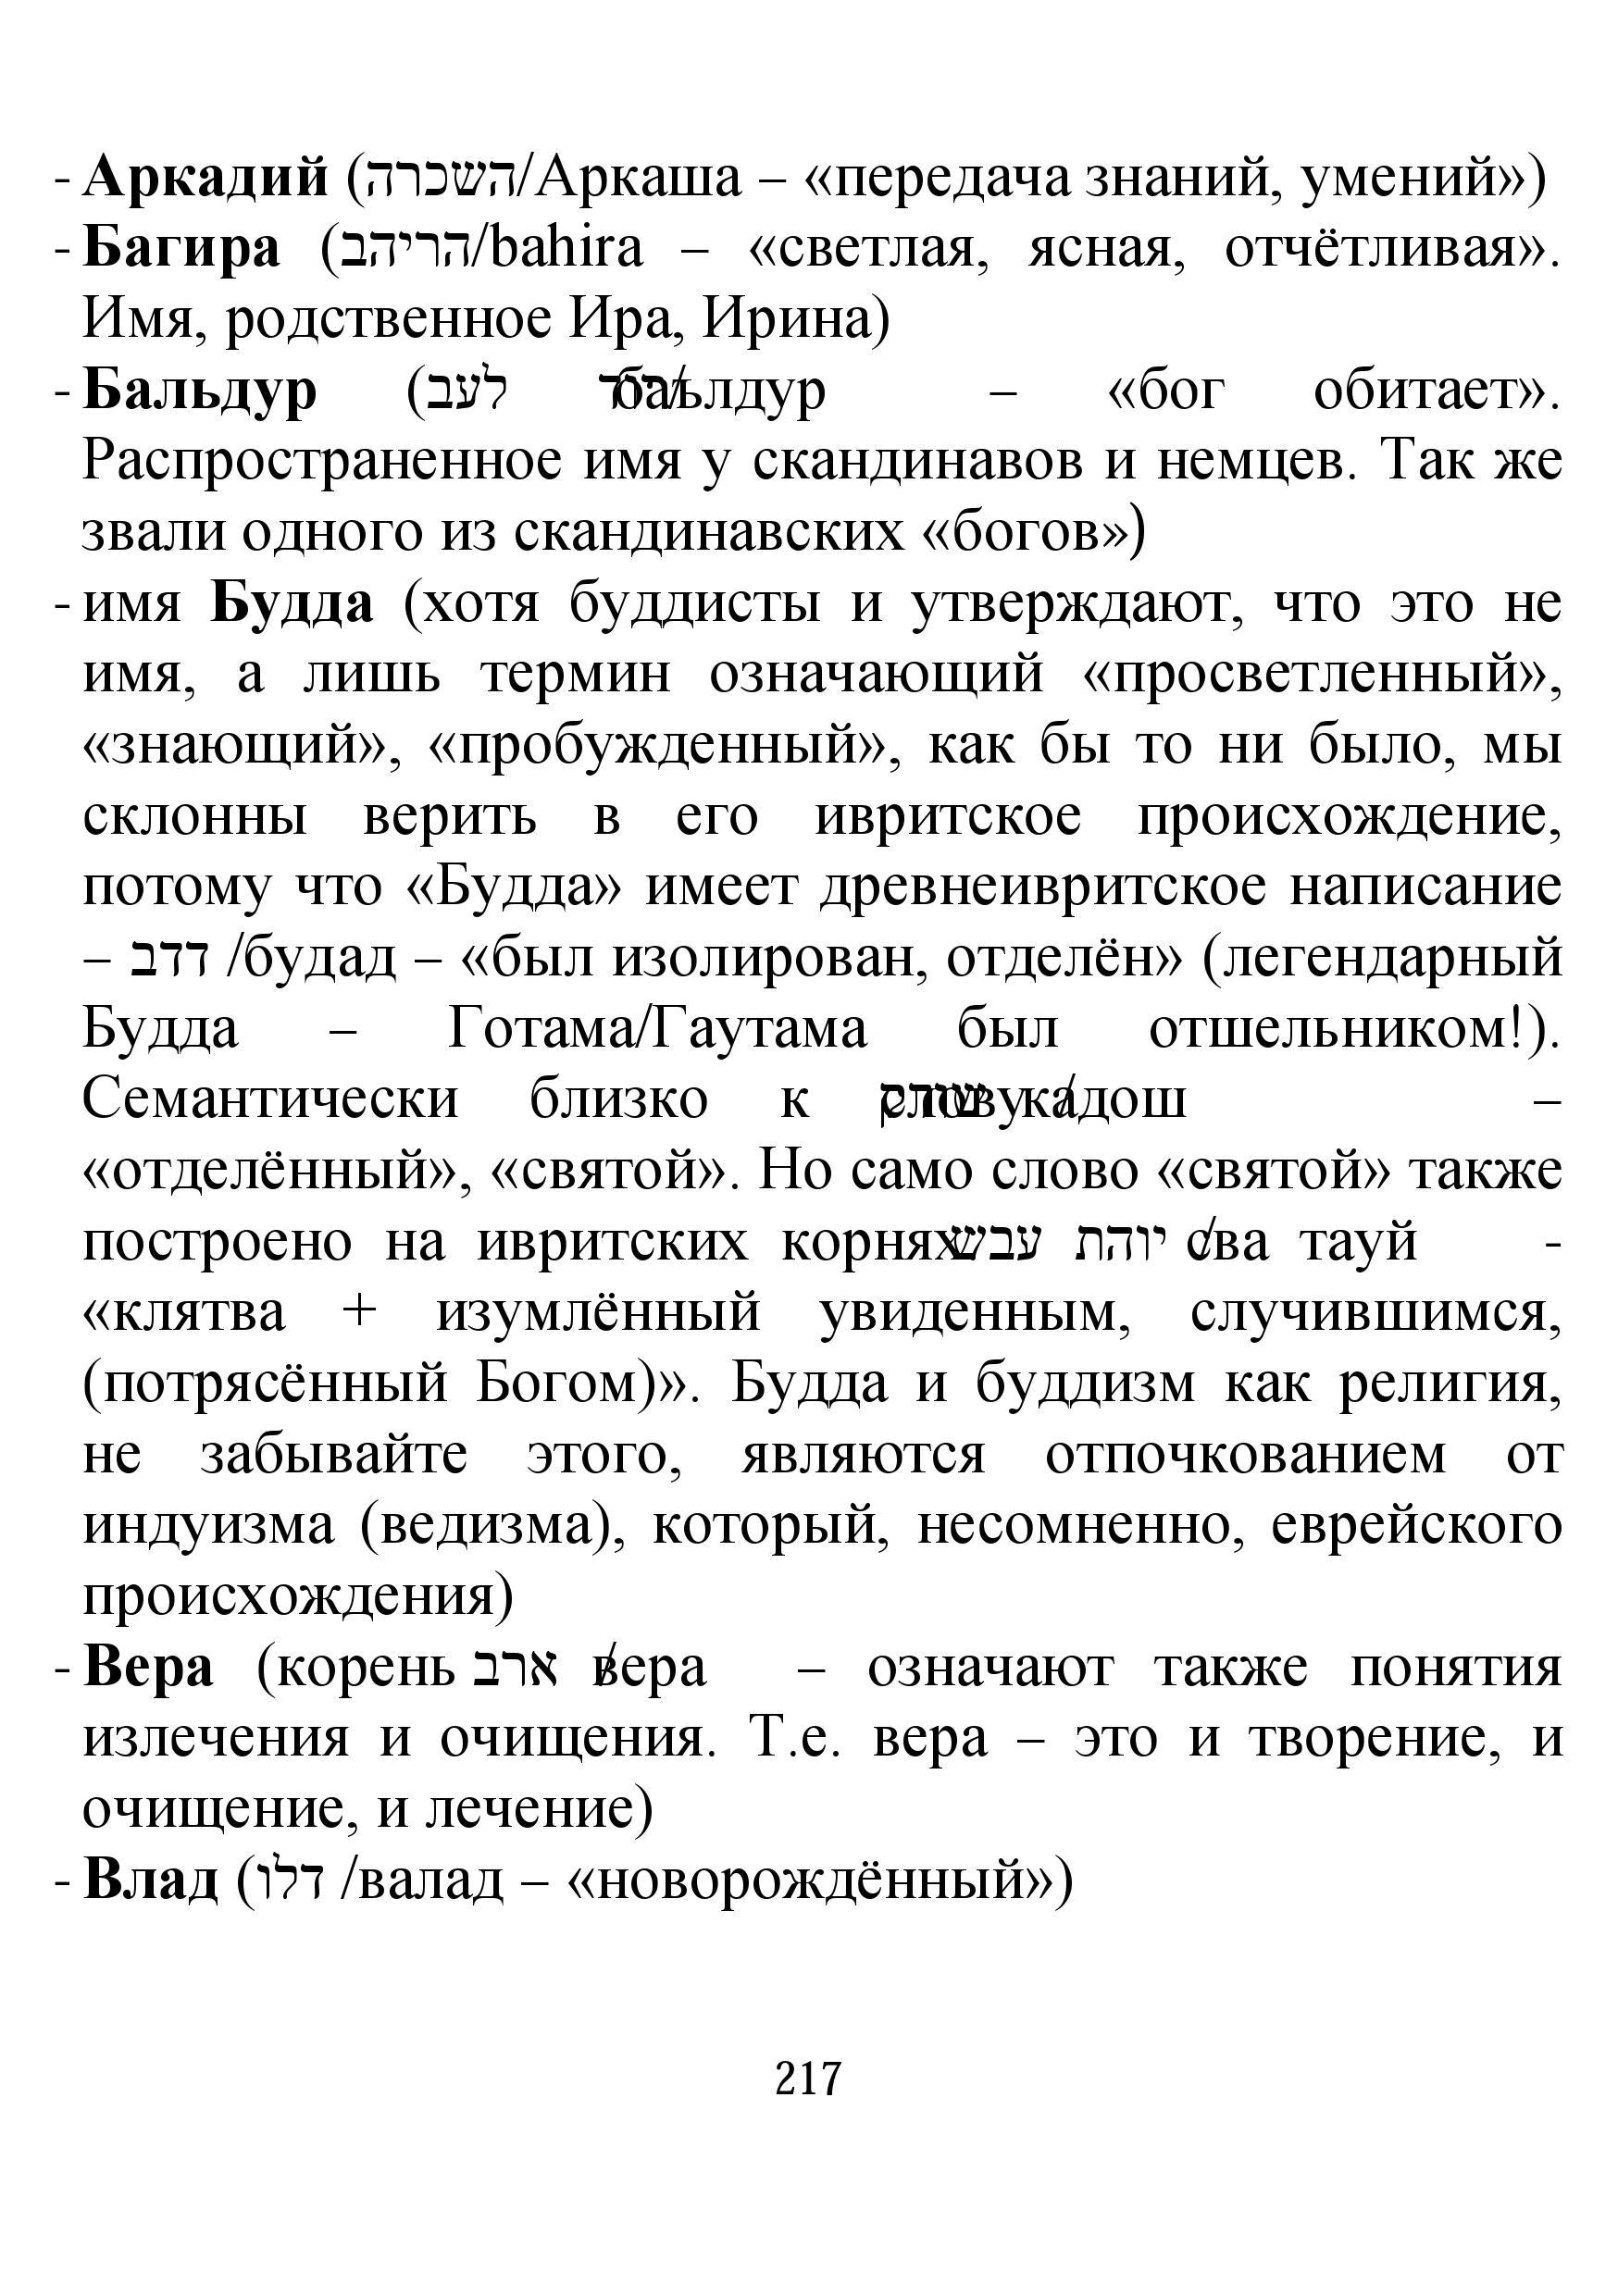 http://s0.uploads.ru/fdUQc.jpg